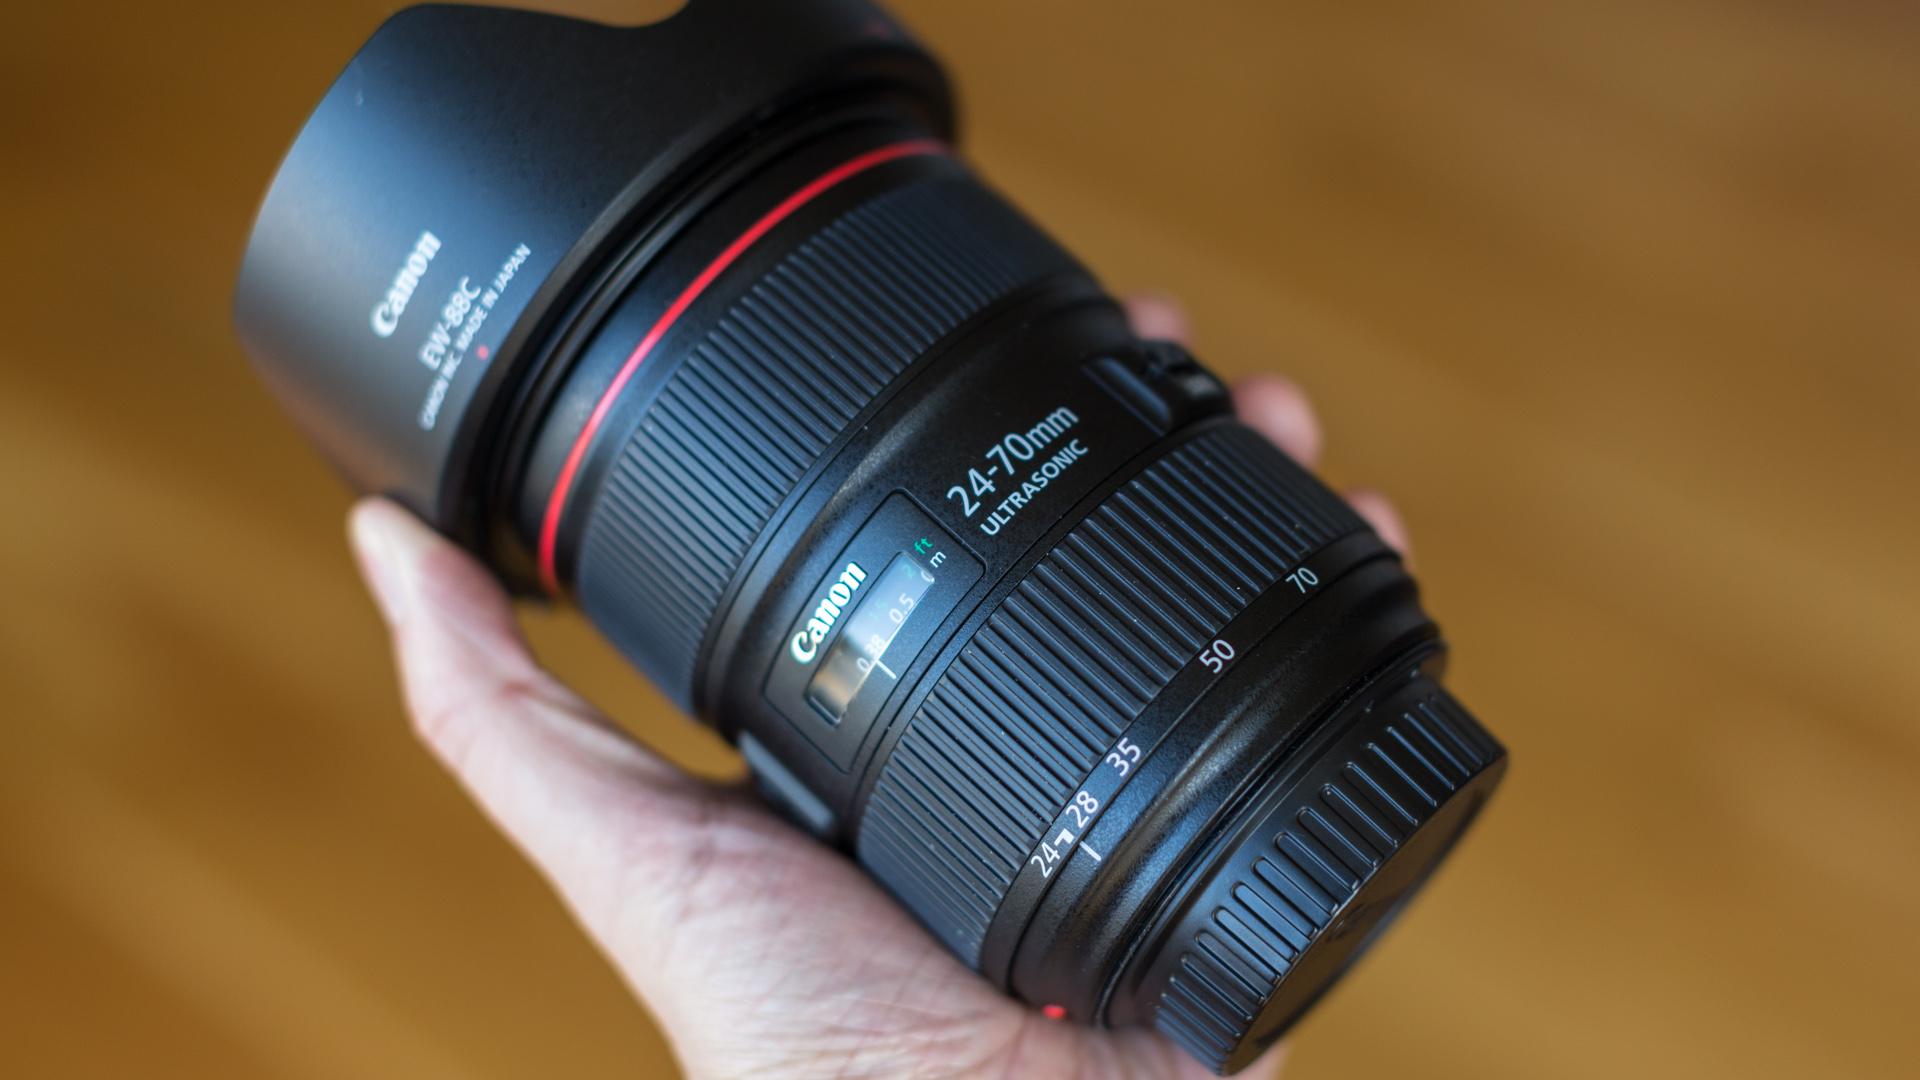 Ống kính Canon 24-70mm F/2.8L II USM